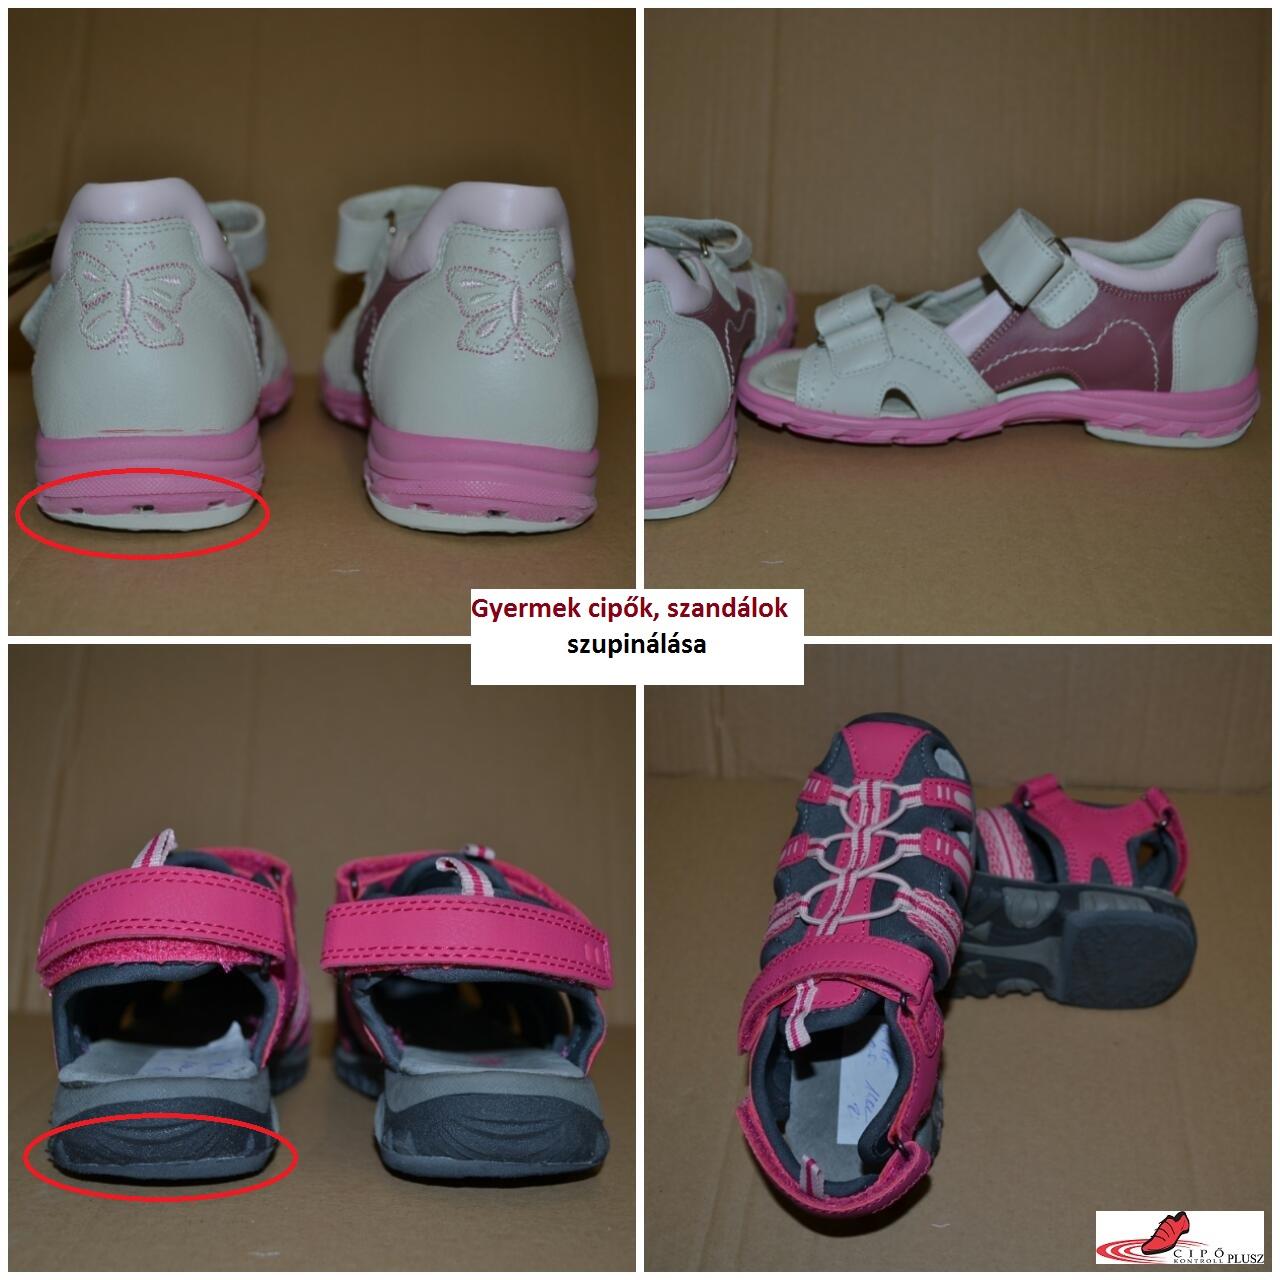 4911016bfc82 Emellett cipőjavításban gyakorlott szakembereink készséggel állnak  rendelkezésére gyerekcipő és egyéb lábbelik szupinálásában, valamint  sportcipők ...